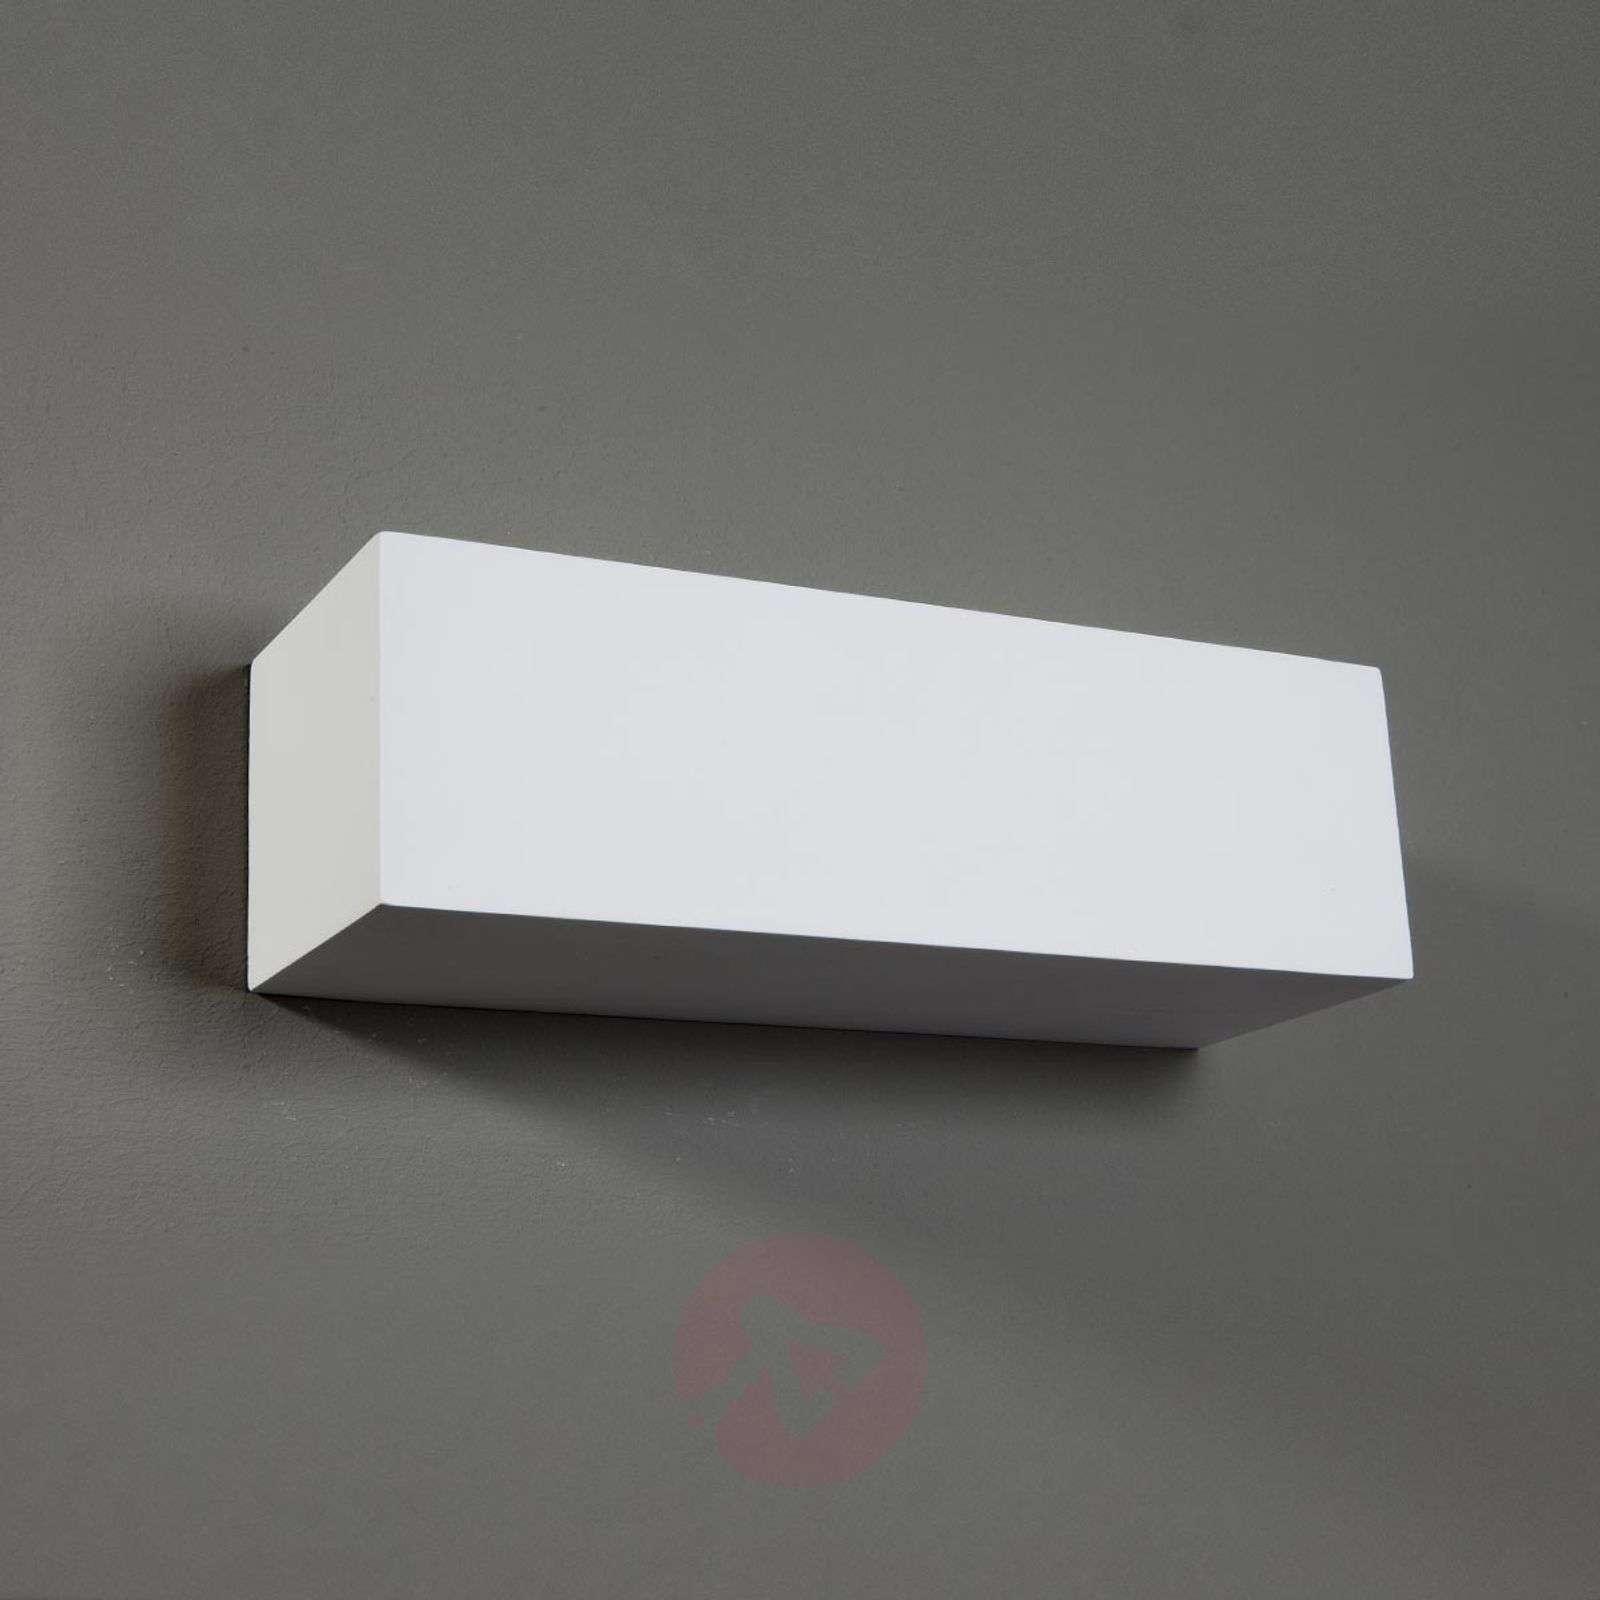 Suorakulmainen Lenny-seinävalaisin kipsistä-9613022-01